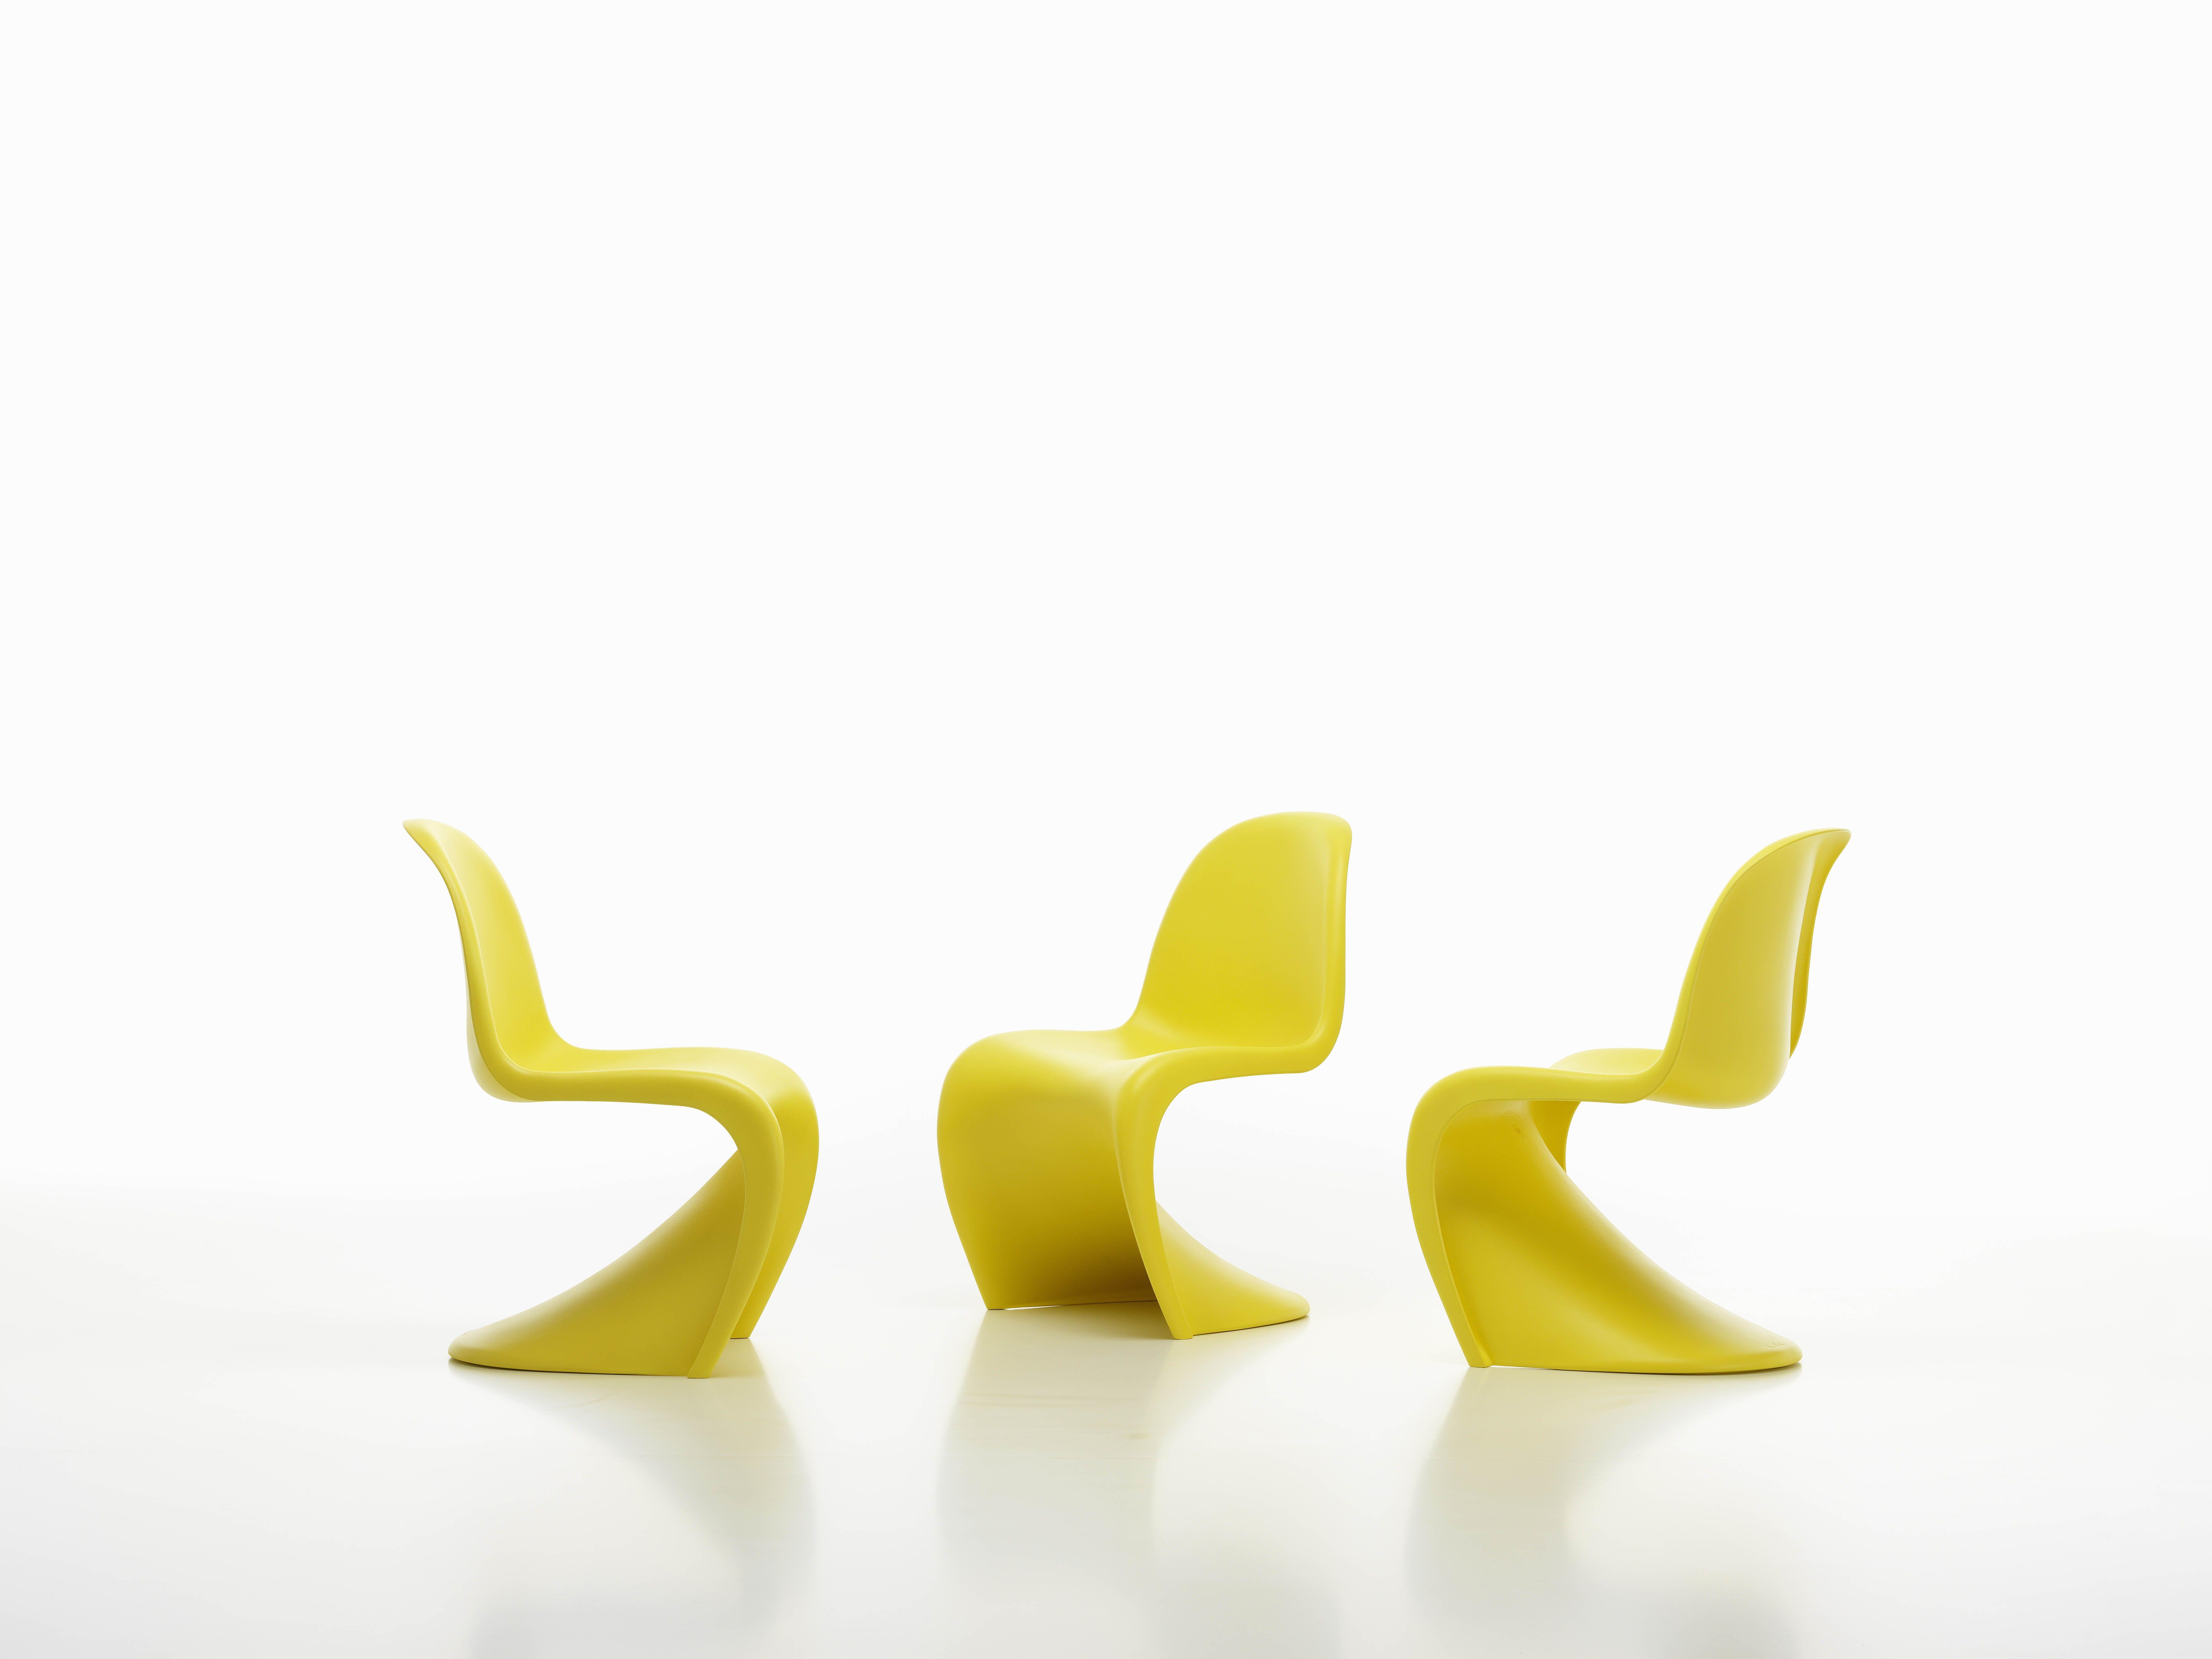 La Chaise Panton Par Fabricant Vitra Conue Verner